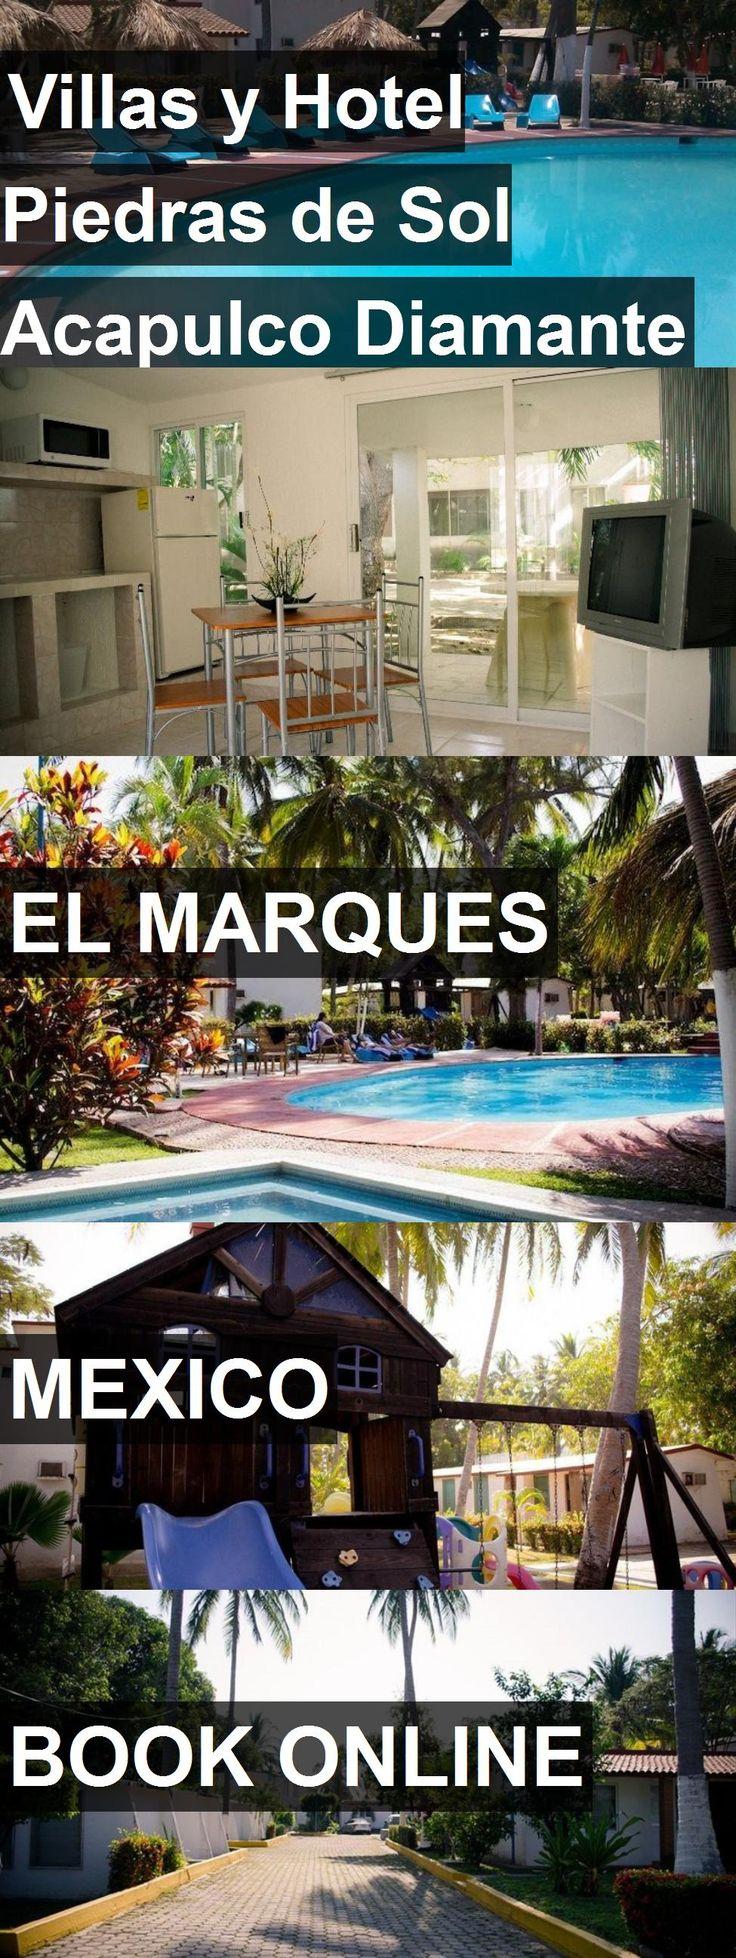 Villas y Hotel Piedras de Sol Acapulco Diamante in El Marques, Mexico. For more information, photos, reviews and best prices please follow the link. #Mexico #ElMarques #travel #vacation #hotel